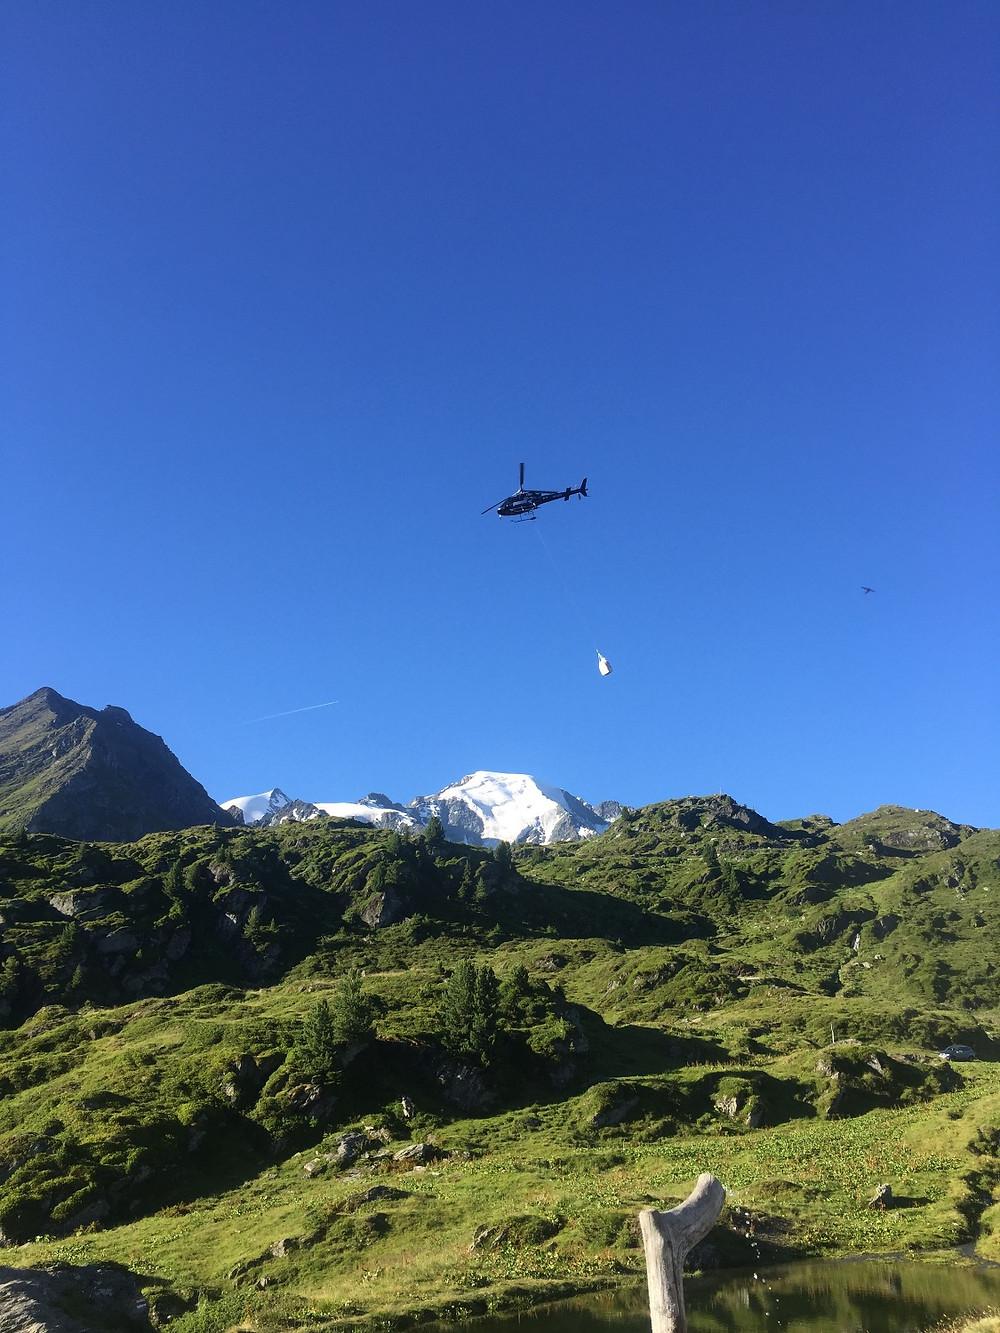 Héliportage du drone